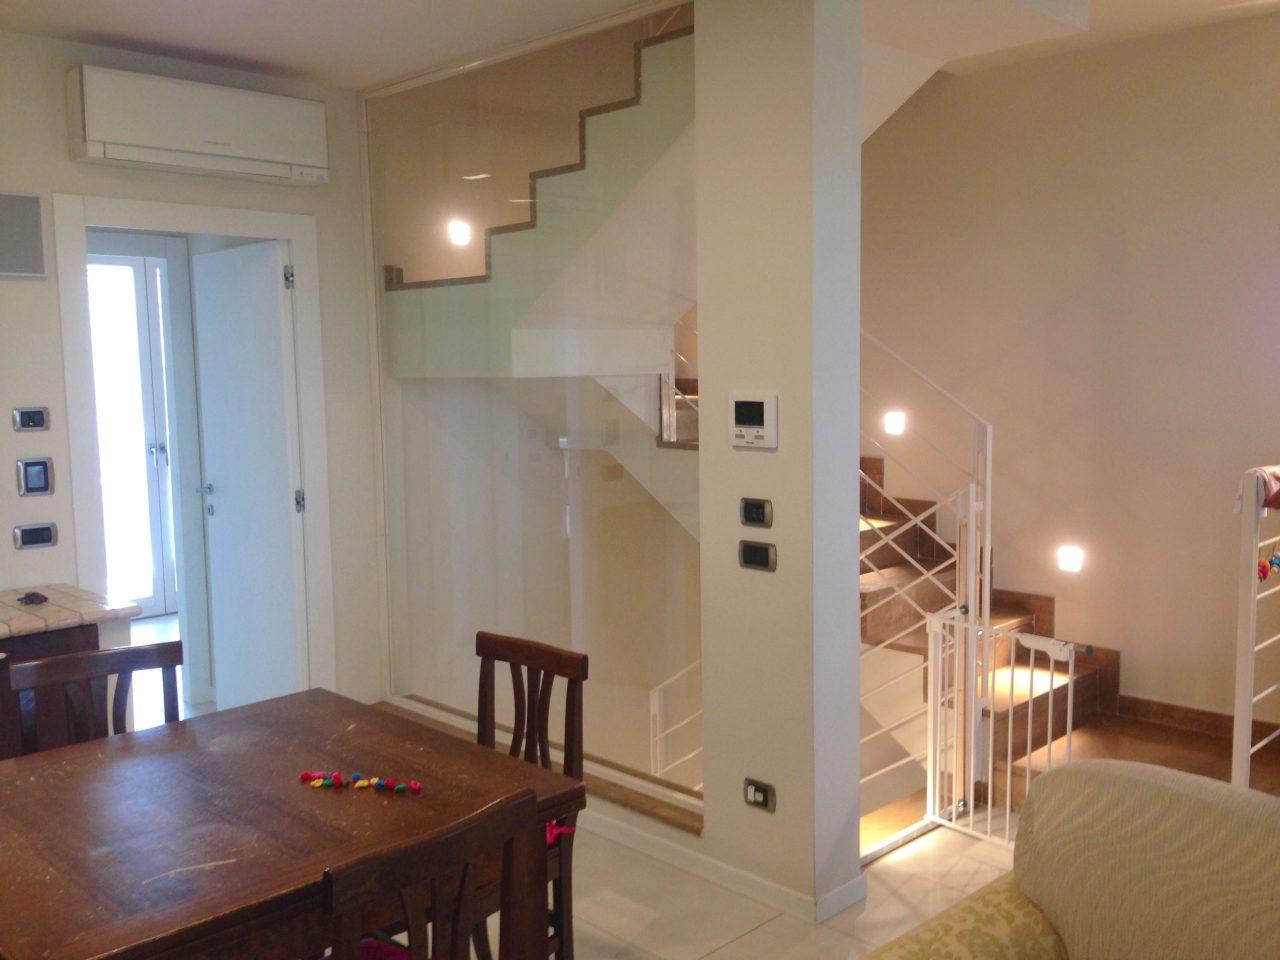 Villa a Schiera in vendita a Parma, 5 locali, prezzo € 335.000 | Cambio Casa.it